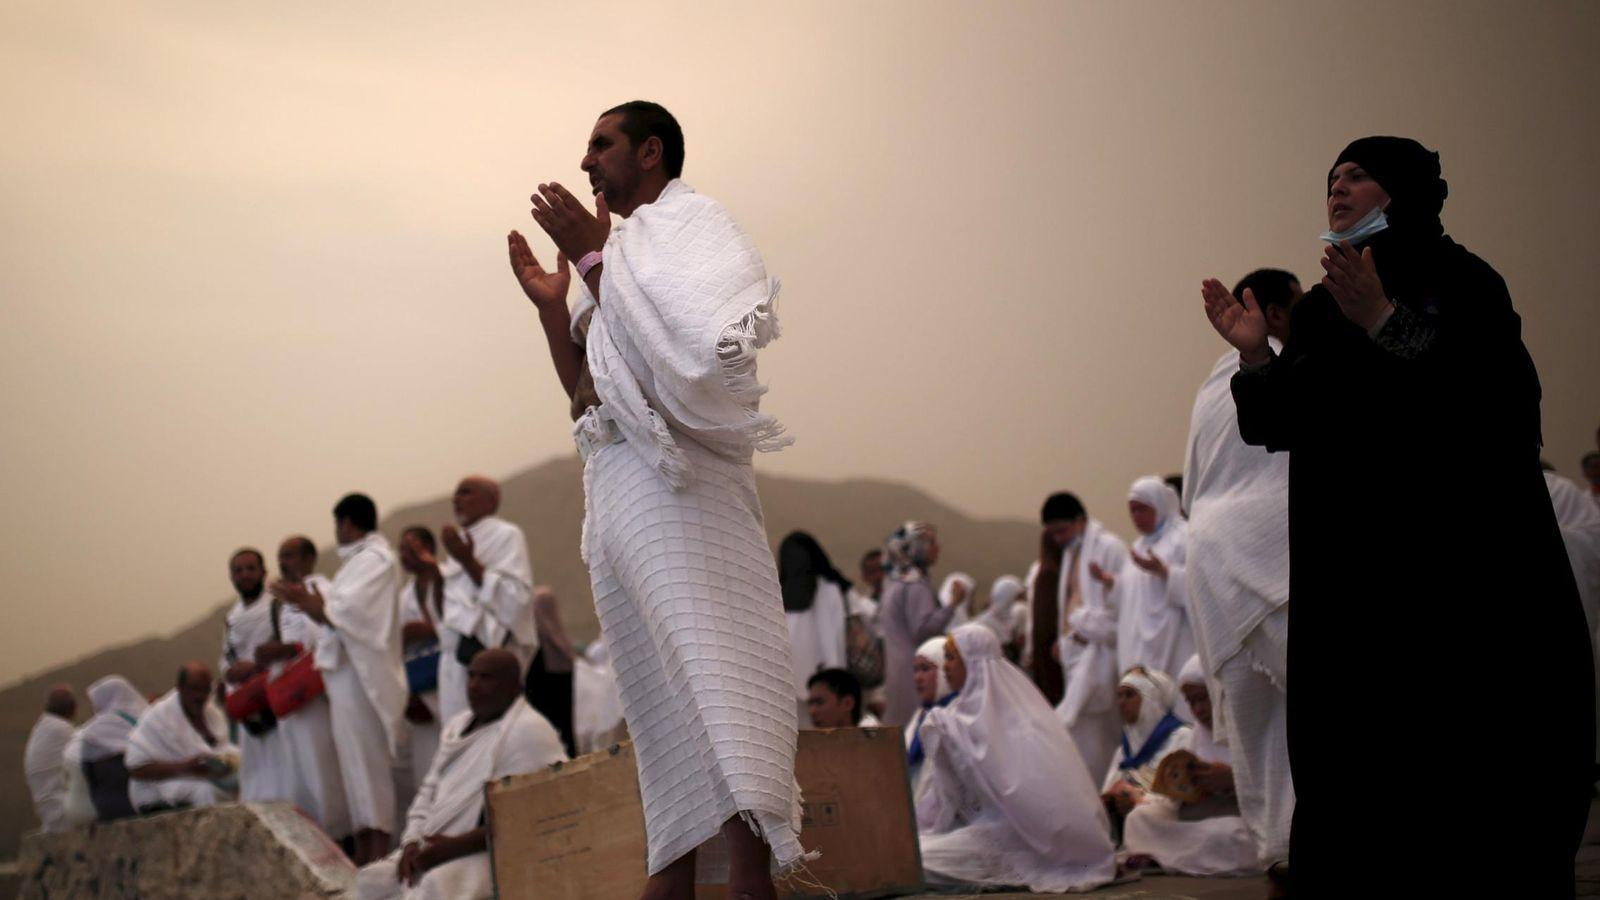 Foto: Peregrinos musulmanes rezan durante la peregrinación anual del Haj, en las afueras de la Meca, en septiembre de 2015. (Reuters)